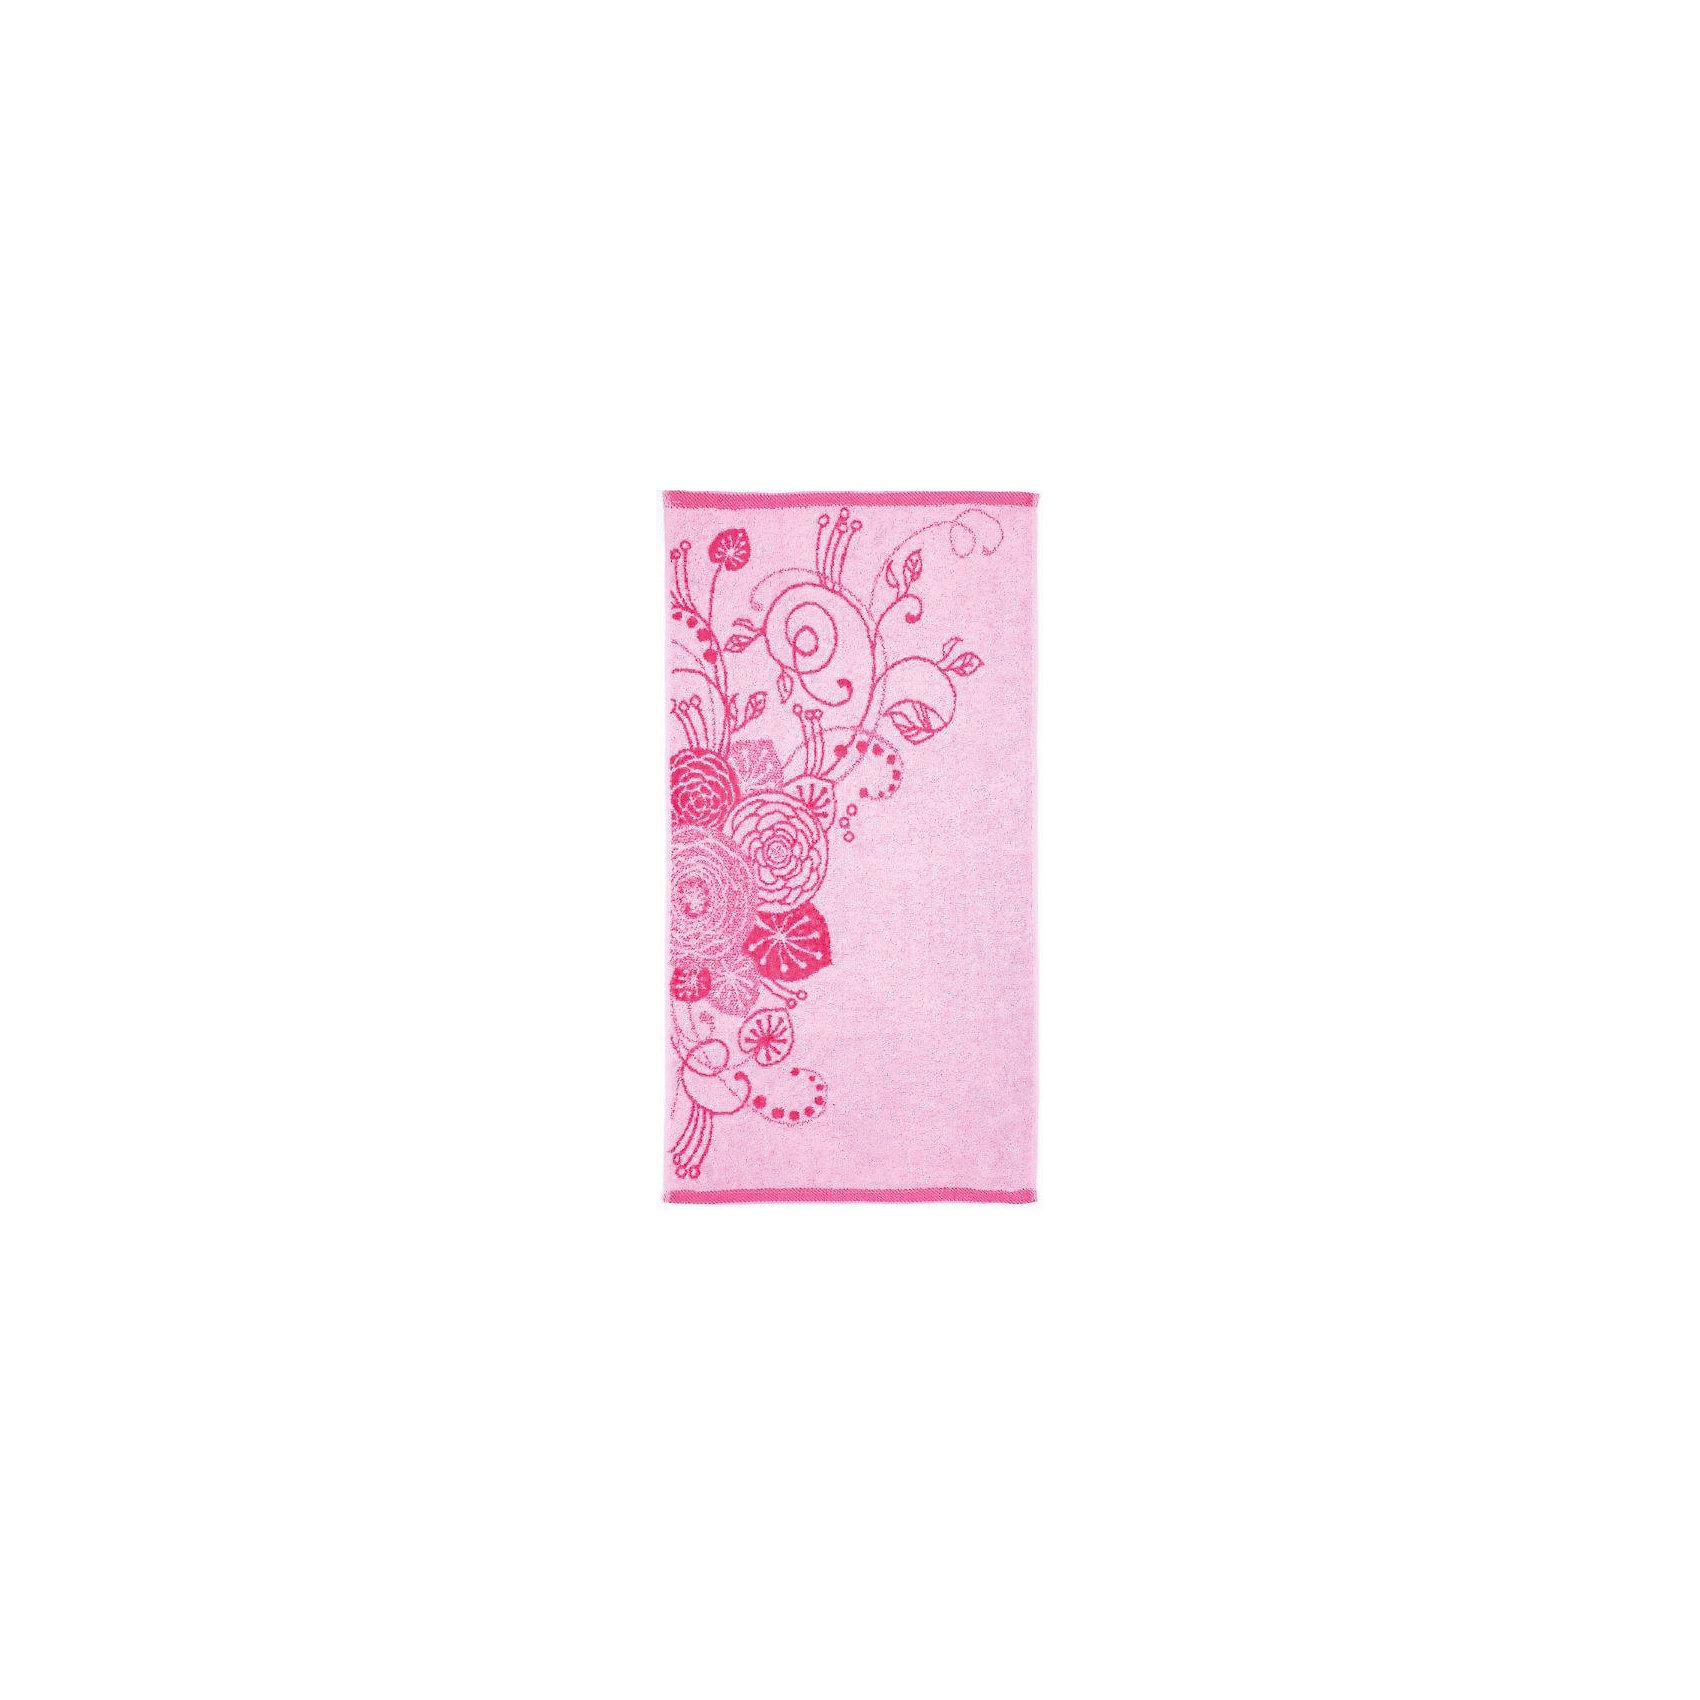 Полотенце махровое Лютики 60*130, Любимый дом, розовыйДомашний текстиль<br>Лютики - мягкое махровое полотенце. Оно выполнено из качественного хлопка. Безопасные и стойкие красители, использованные при изготовлении, позволят полотенцу не потерять цвет даже после множества стирок. Полотенце украшено вышивкой в виде цветов. Отлично впитывает влагу и непременно добавит уют вашей ванной комнате.<br><br>Дополнительная информация:<br>Материал: 100% хлопок<br>Размер: 60х130 см<br>Цвет: розовый<br>Торговая марка: Любимый дом<br><br>Махровое полотенце Лютики можно приобрести в нашем интернет-магазине.<br><br>Ширина мм: 500<br>Глубина мм: 500<br>Высота мм: 200<br>Вес г: 300<br>Возраст от месяцев: 0<br>Возраст до месяцев: 144<br>Пол: Унисекс<br>Возраст: Детский<br>SKU: 5010975